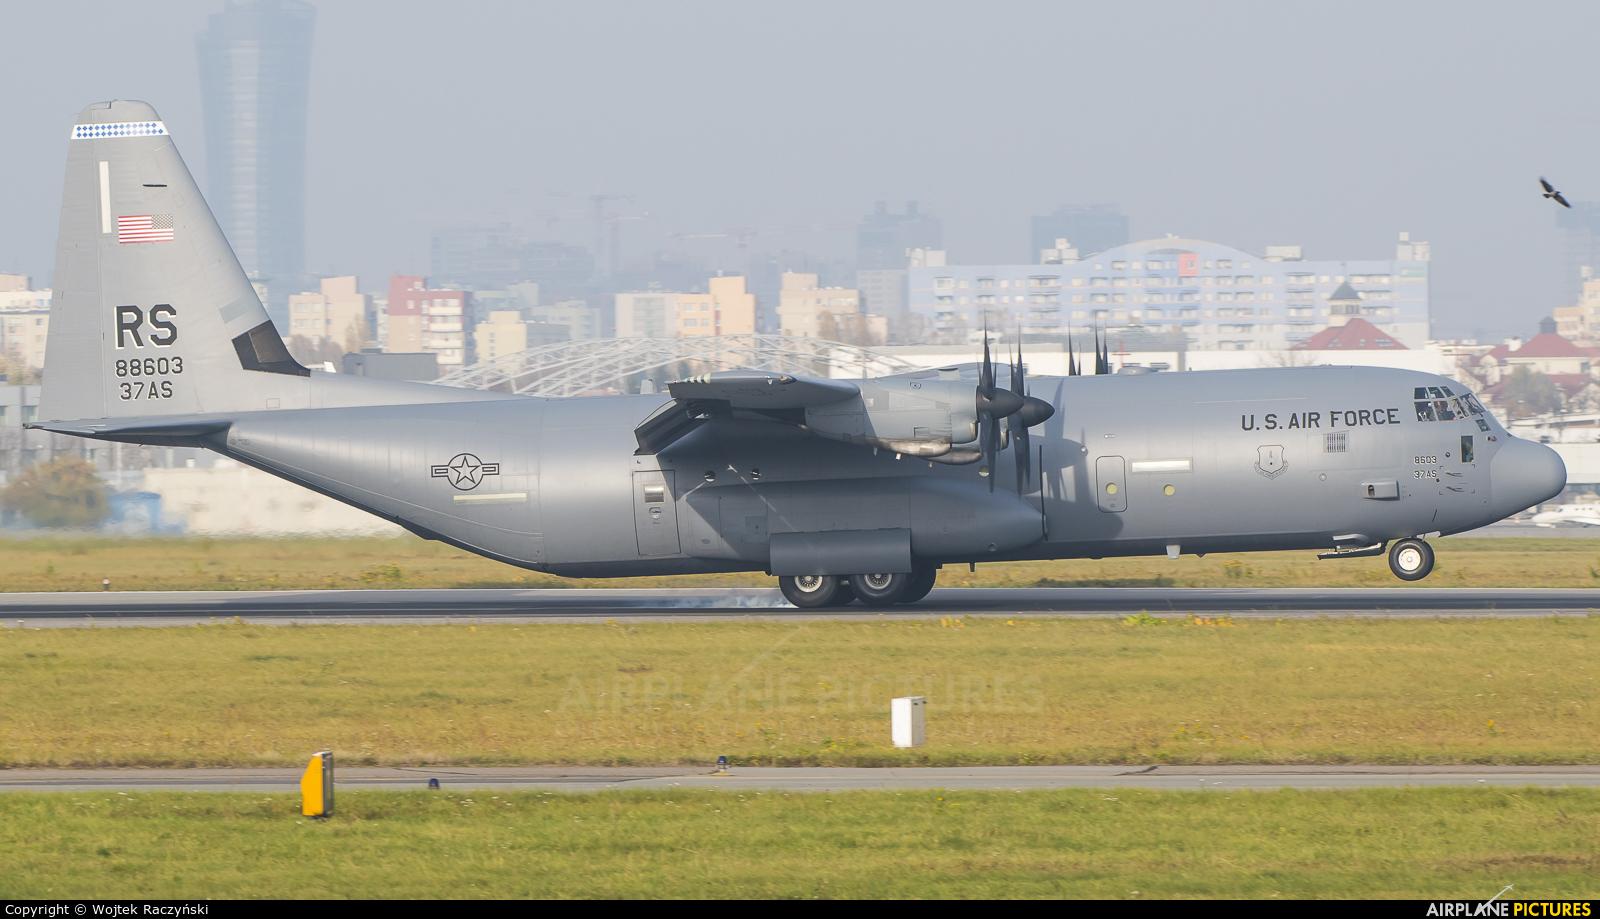 USA - Air Force 08-8603 aircraft at Warsaw - Frederic Chopin